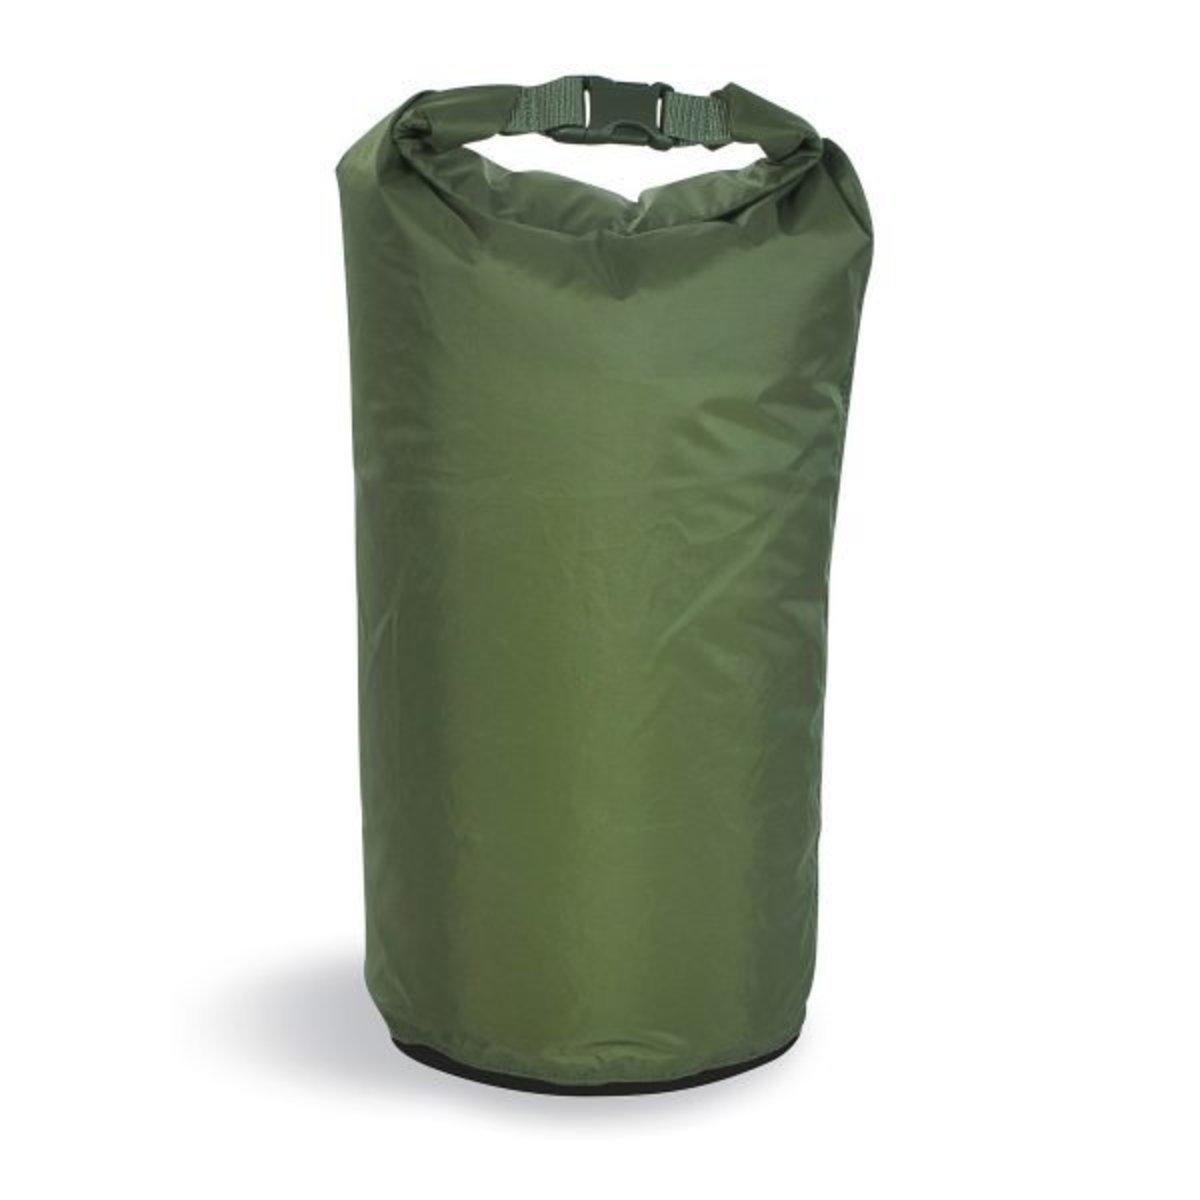 TT Waterproof Bag S Cub